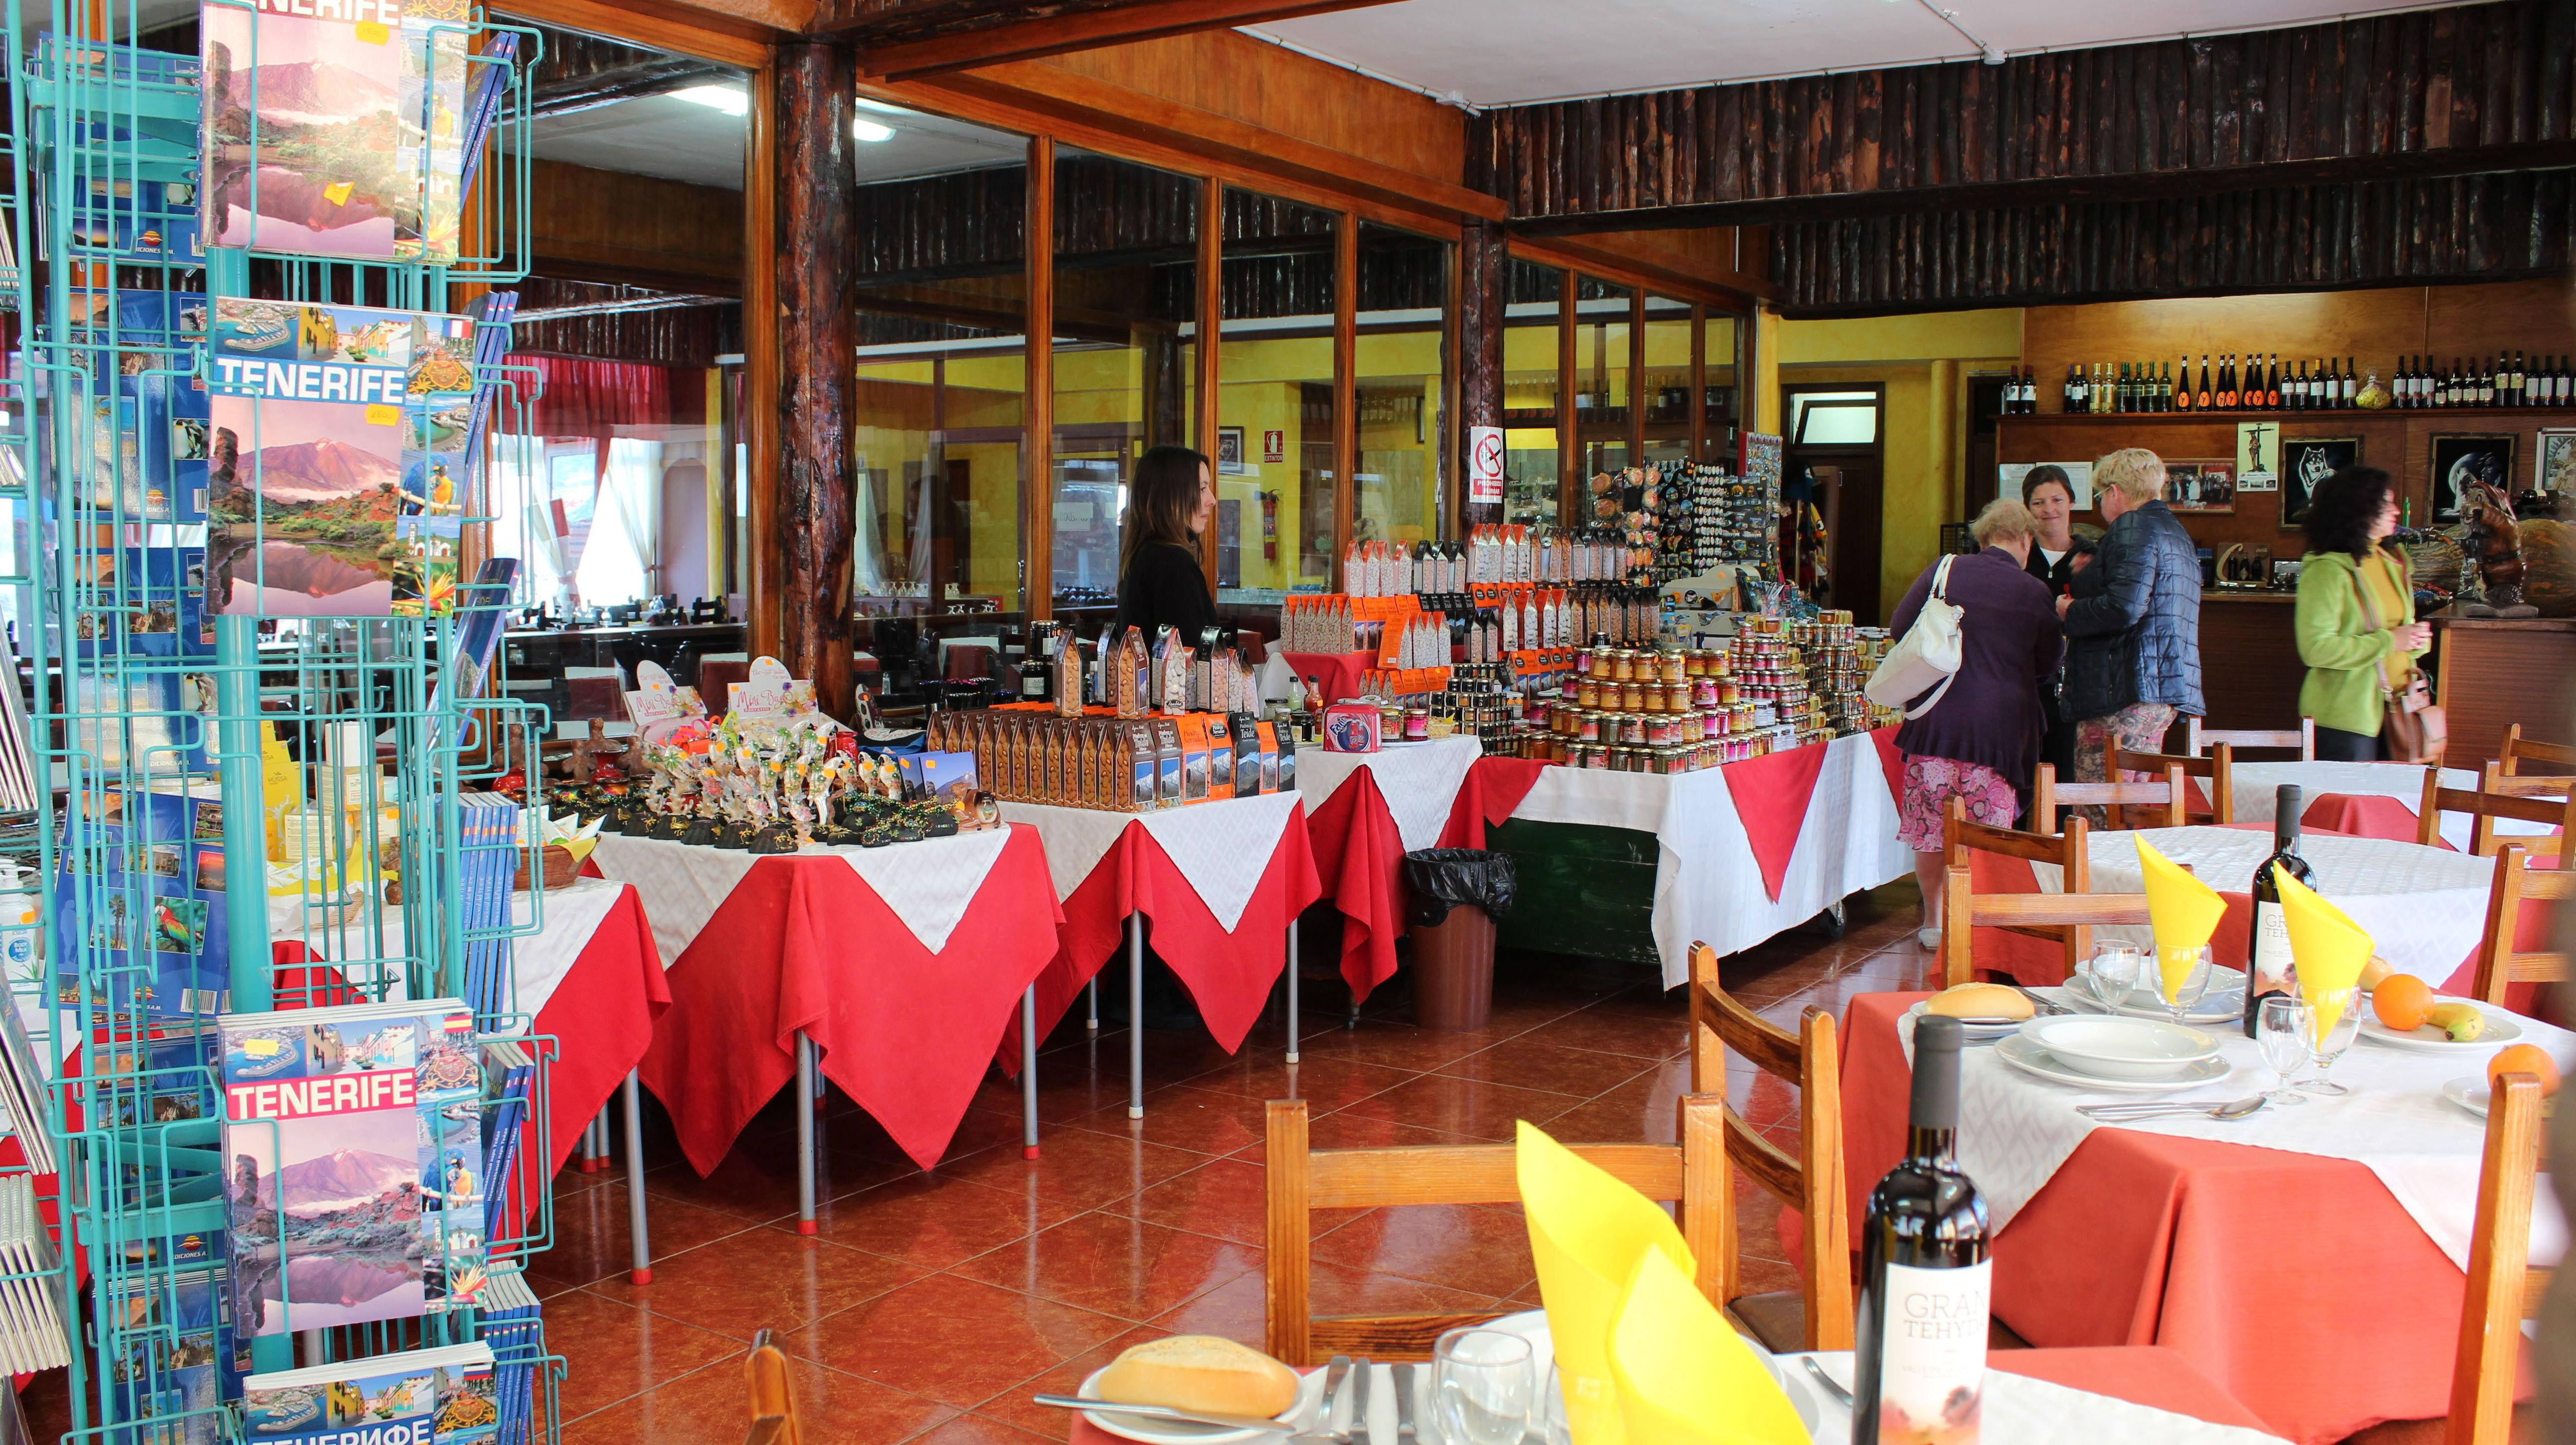 Restaurante con venta de productos típicos canarios